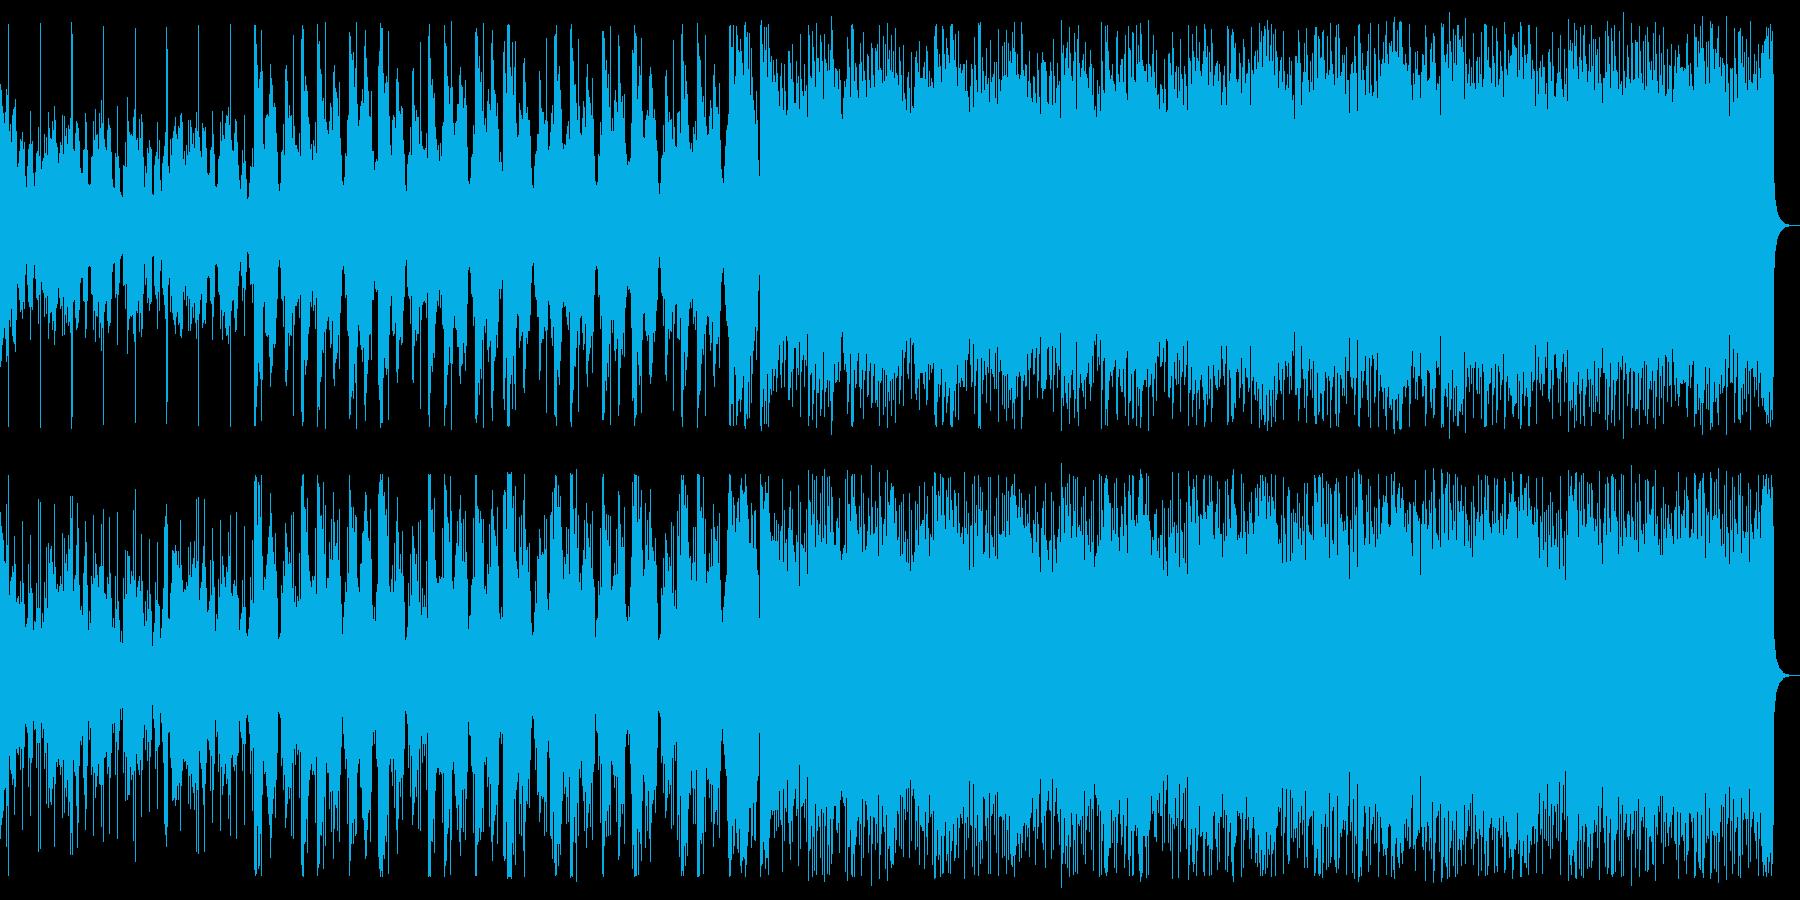 レトロ/エレクトロ_No591_3の再生済みの波形